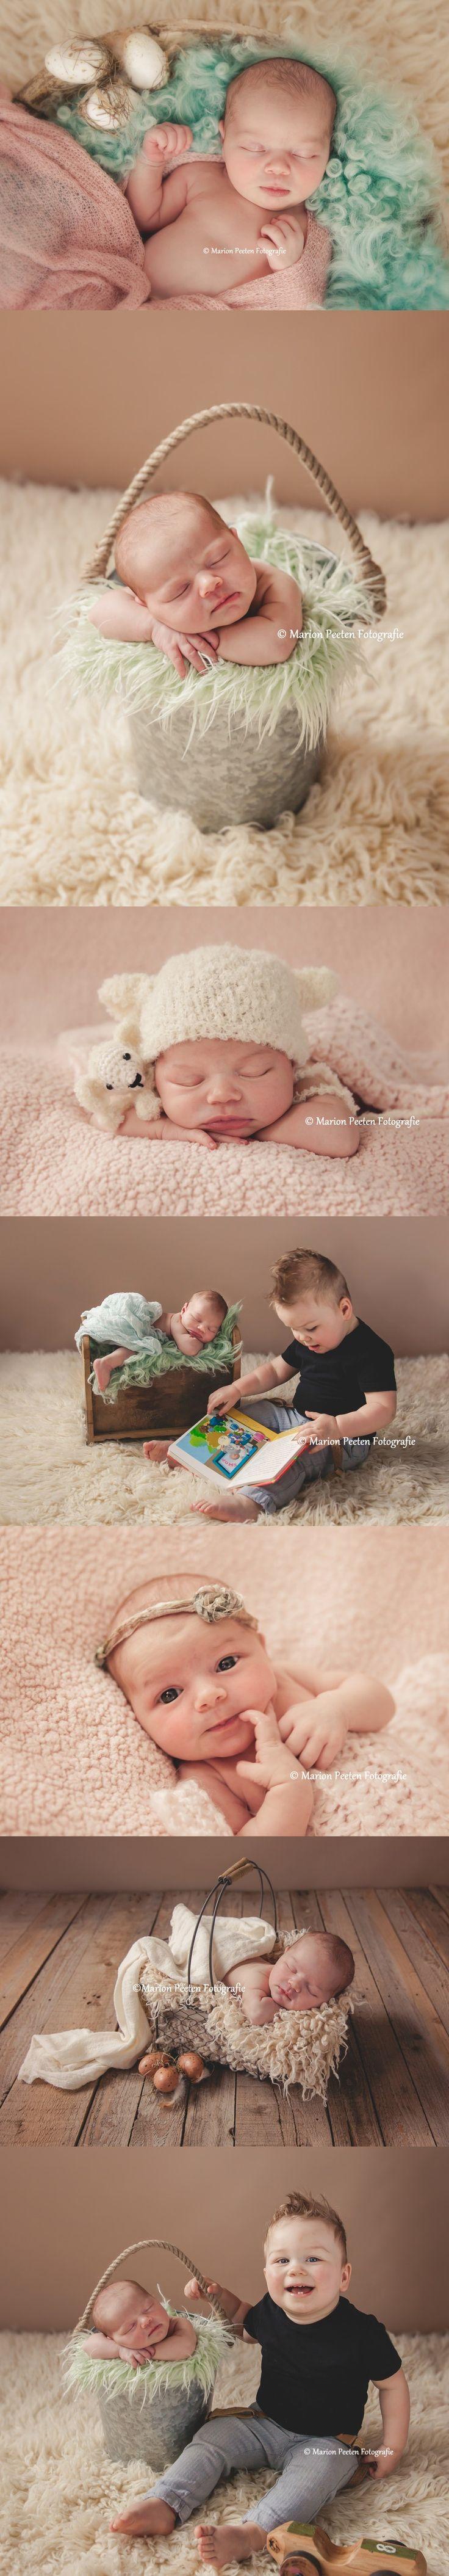 newborn easter eggs, newborn studio shoot, newborn studio fotoshoot pasen. Pasen eieren newborn shoot,easter eggs.